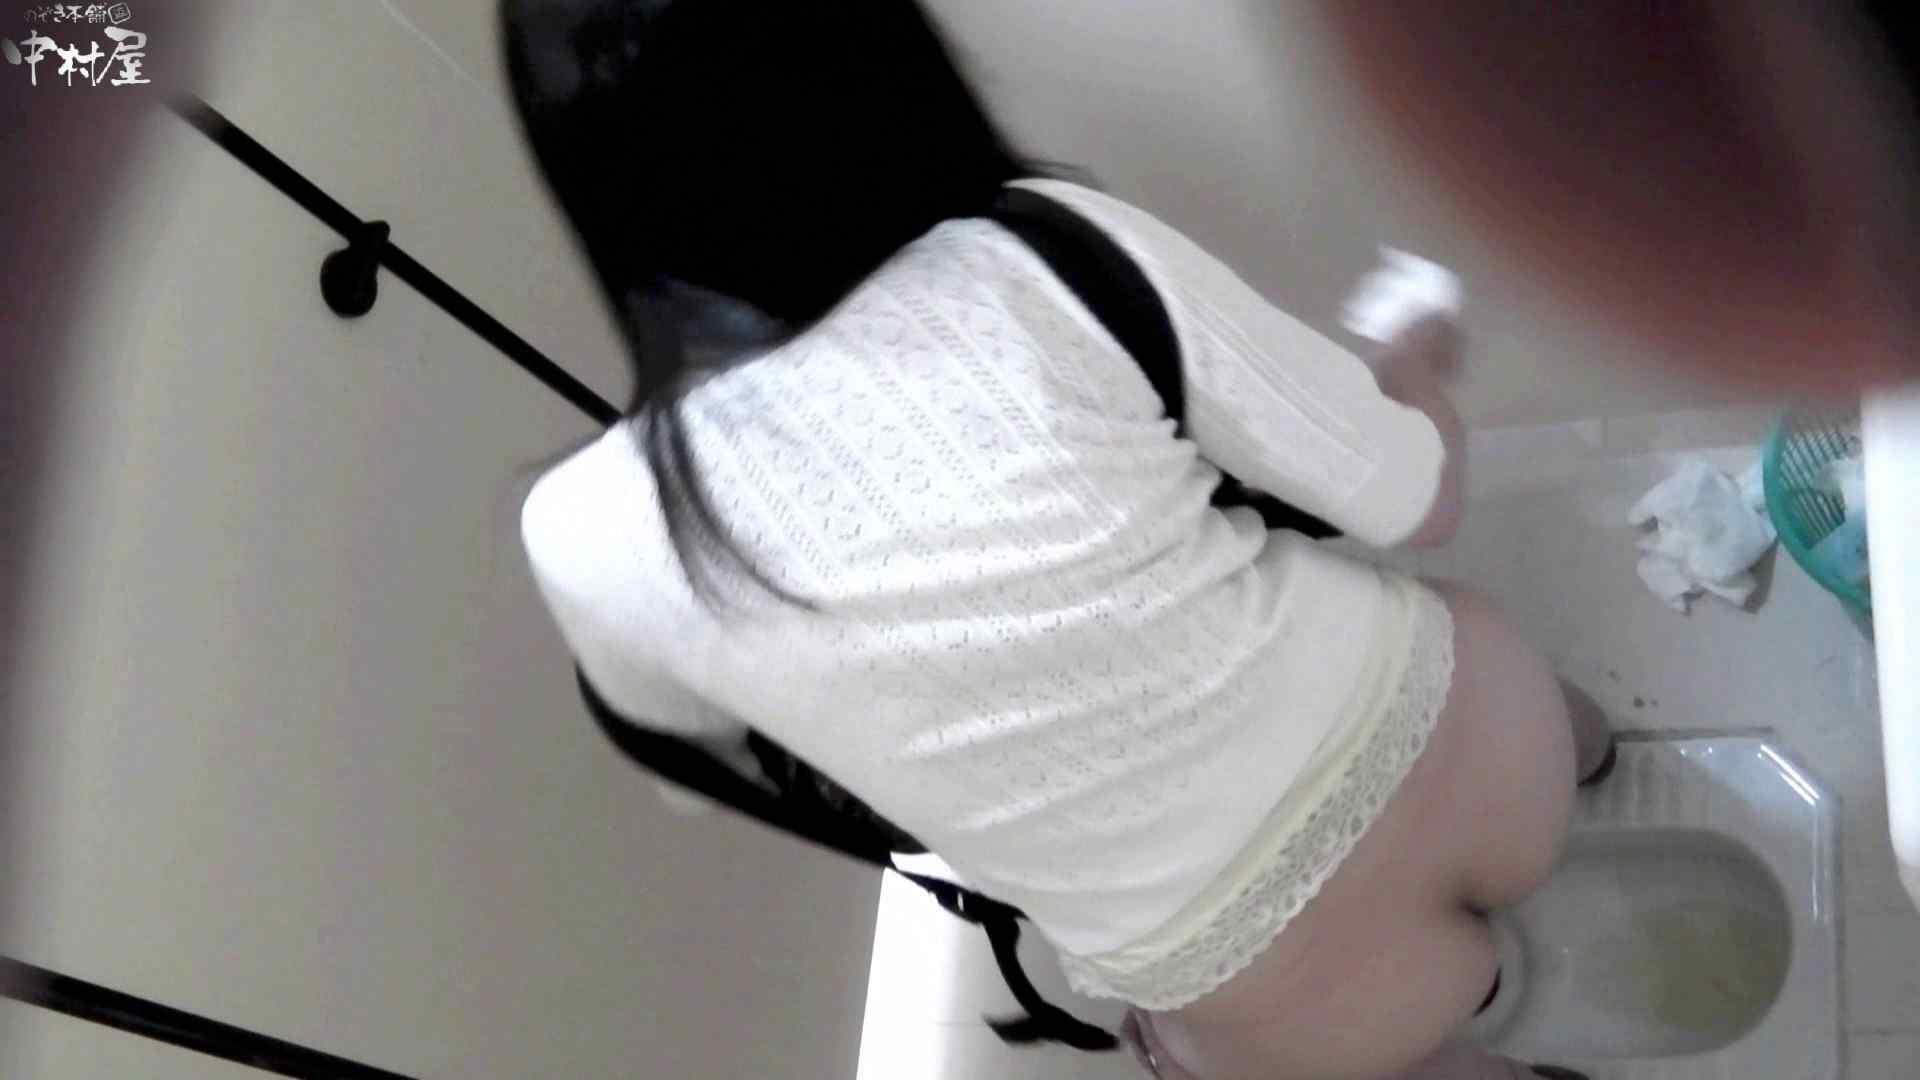 お市さんの「お尻丸出しジャンボリー」No.11 マンコ・ムレムレ ワレメ動画紹介 103pic 14